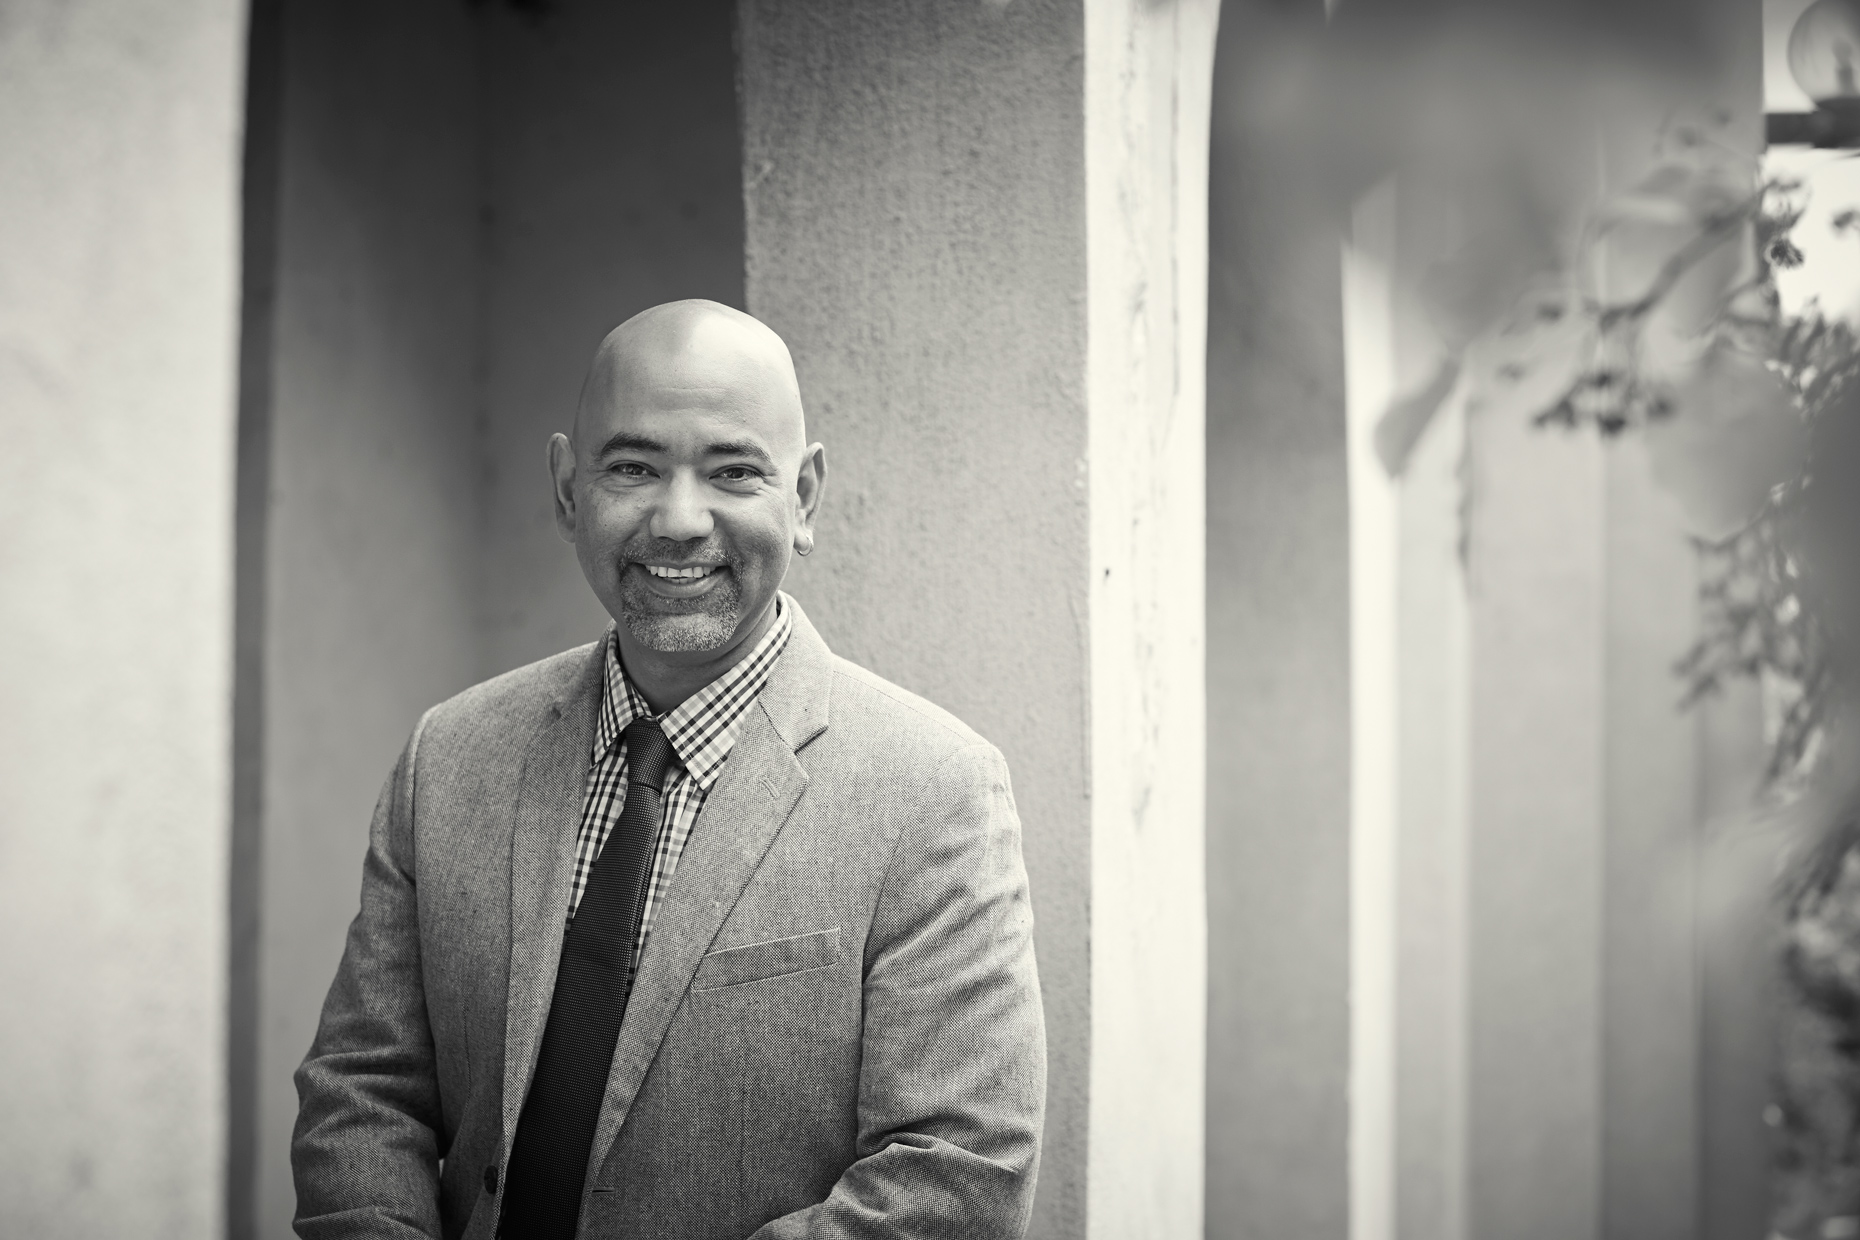 Portrait Photography Derek Israelsen Business Headshot Enrique